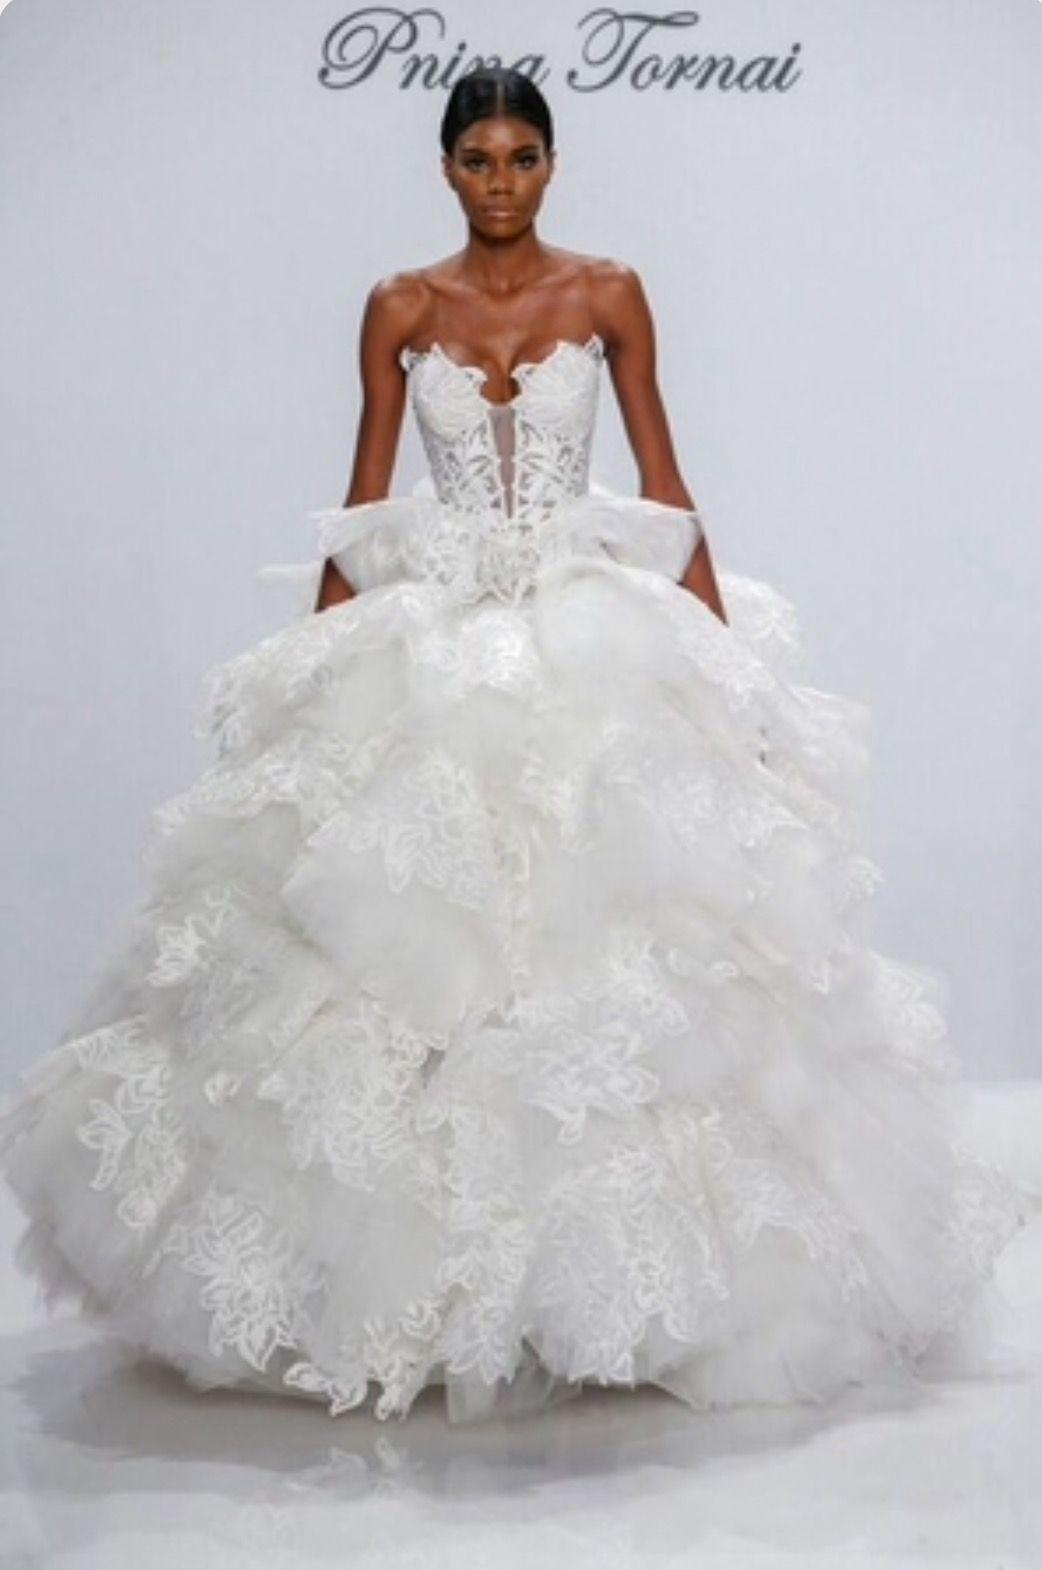 Pnina wedding dress  Pnina Tornai  Weddings  Pinterest  Pnina tornai